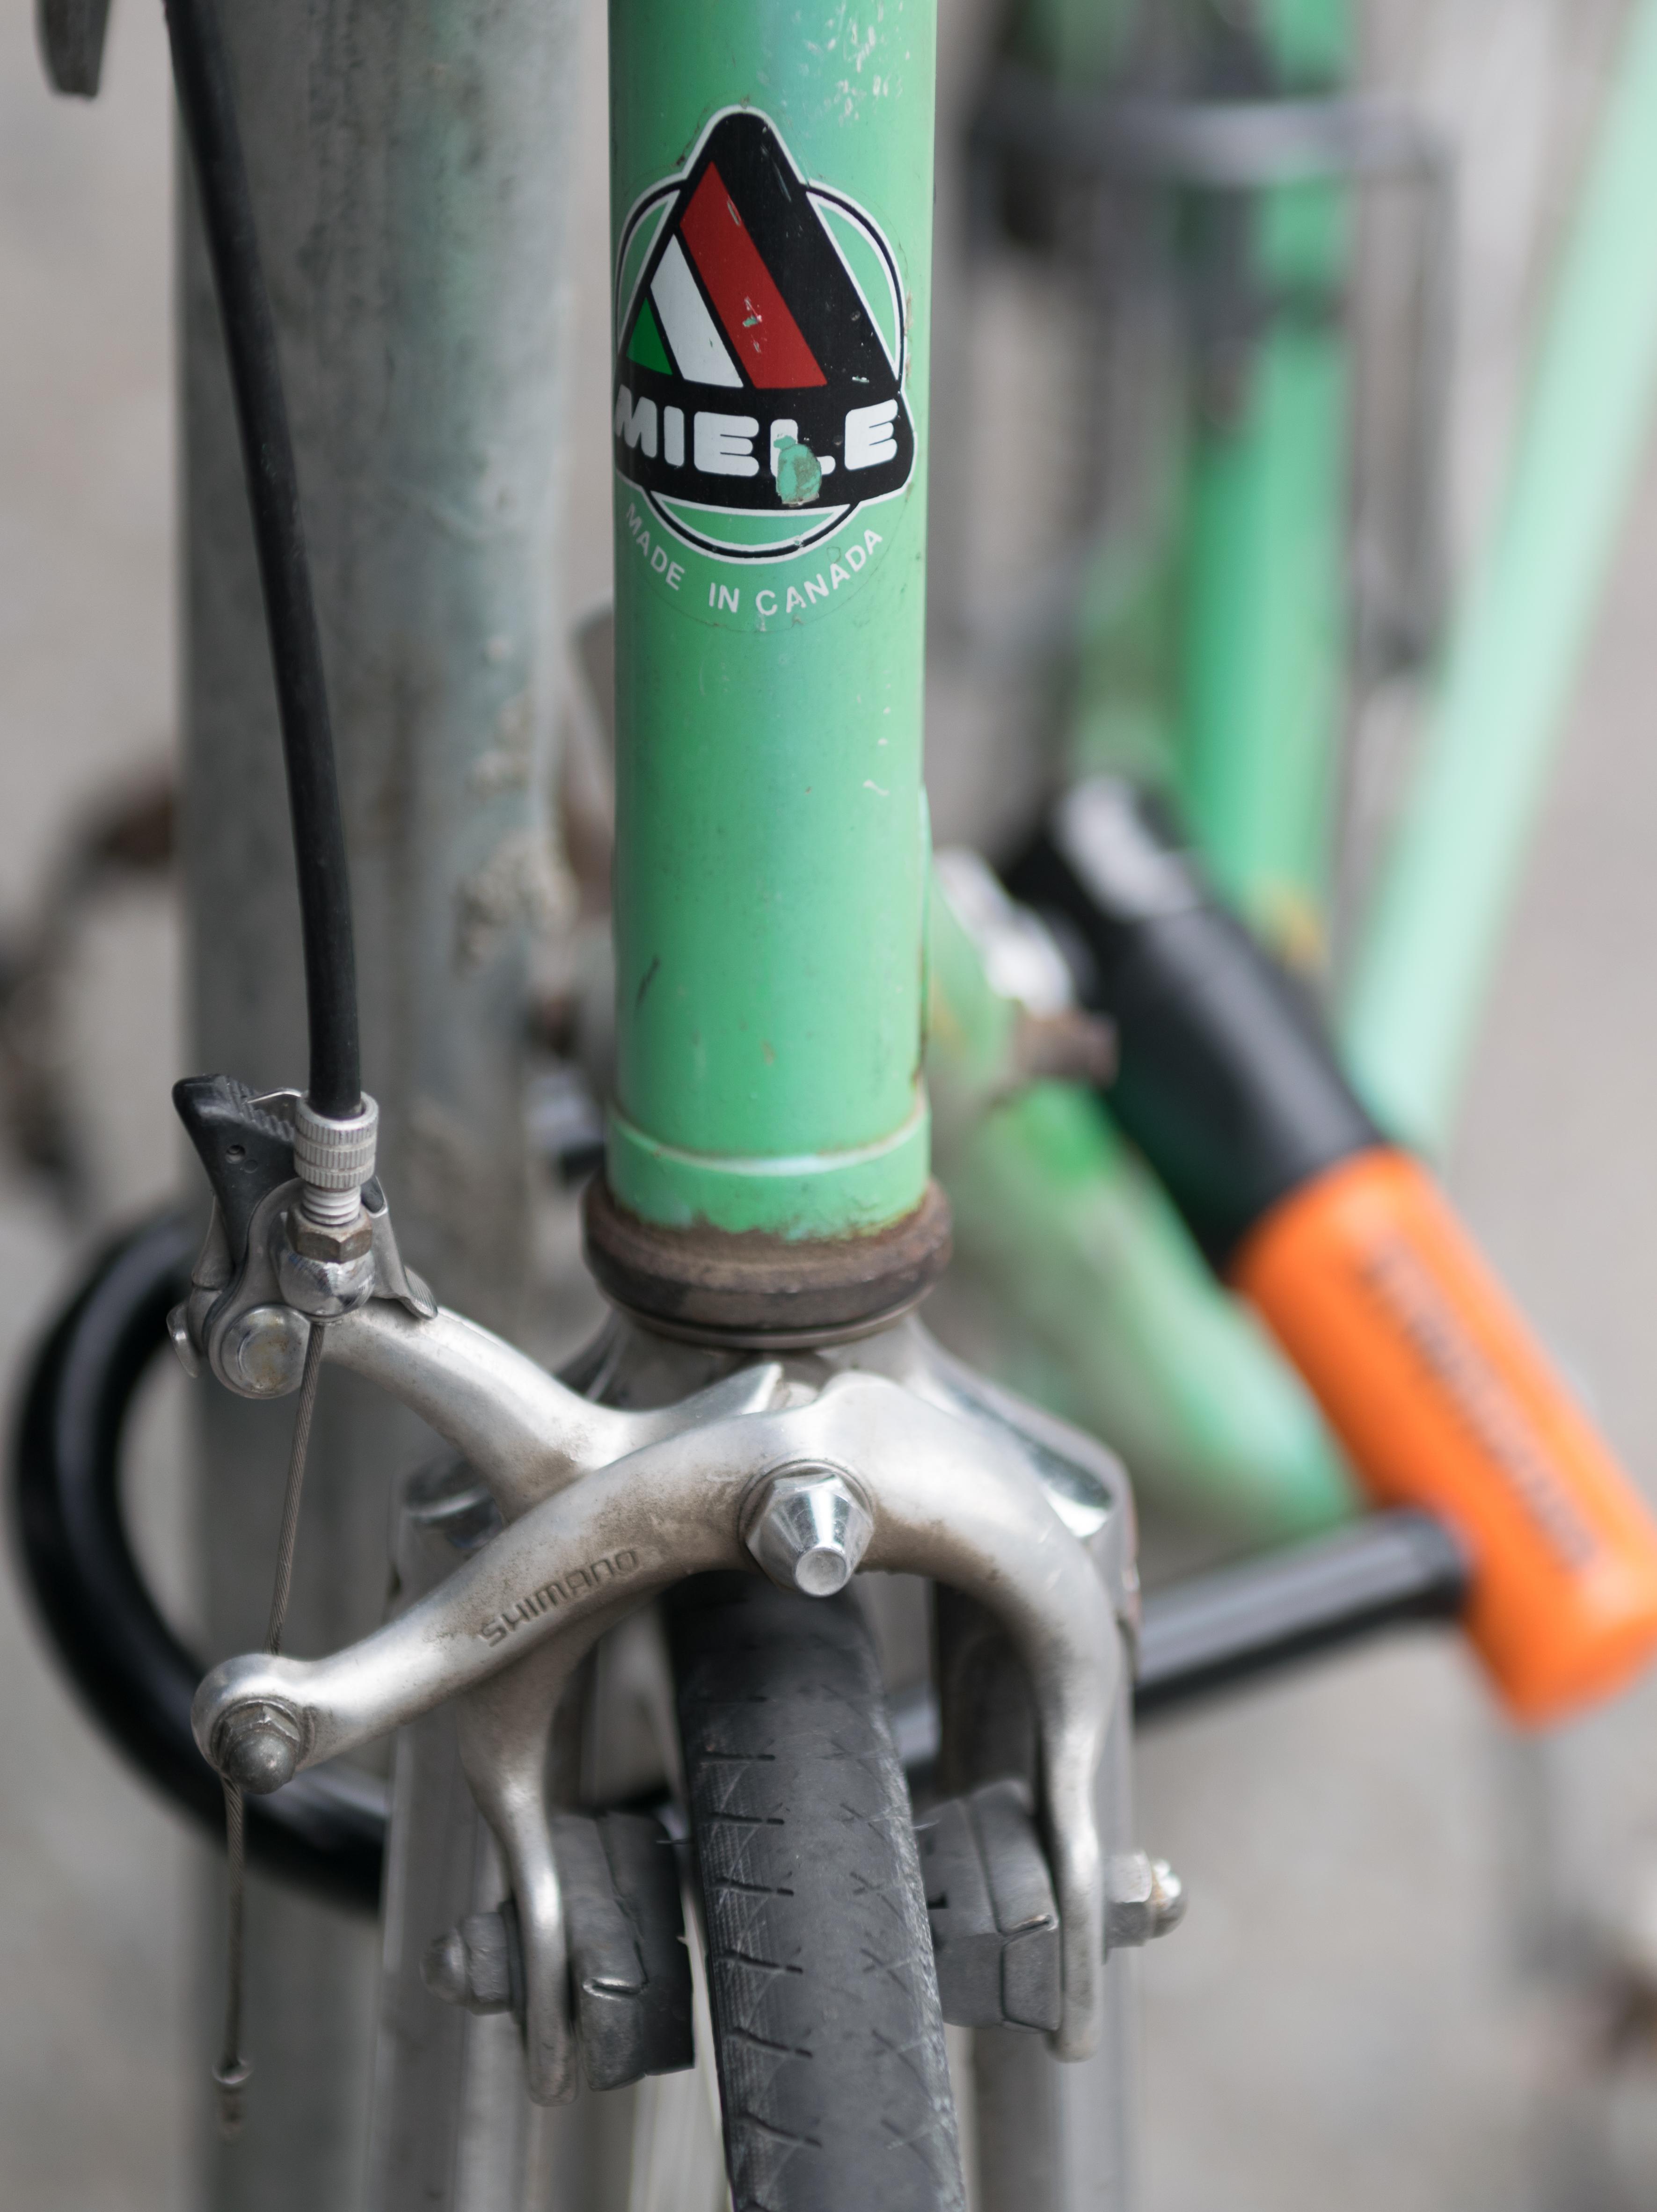 17-08-07-Fahrräder-Montreal-RalfR-DSC 4265.jpg